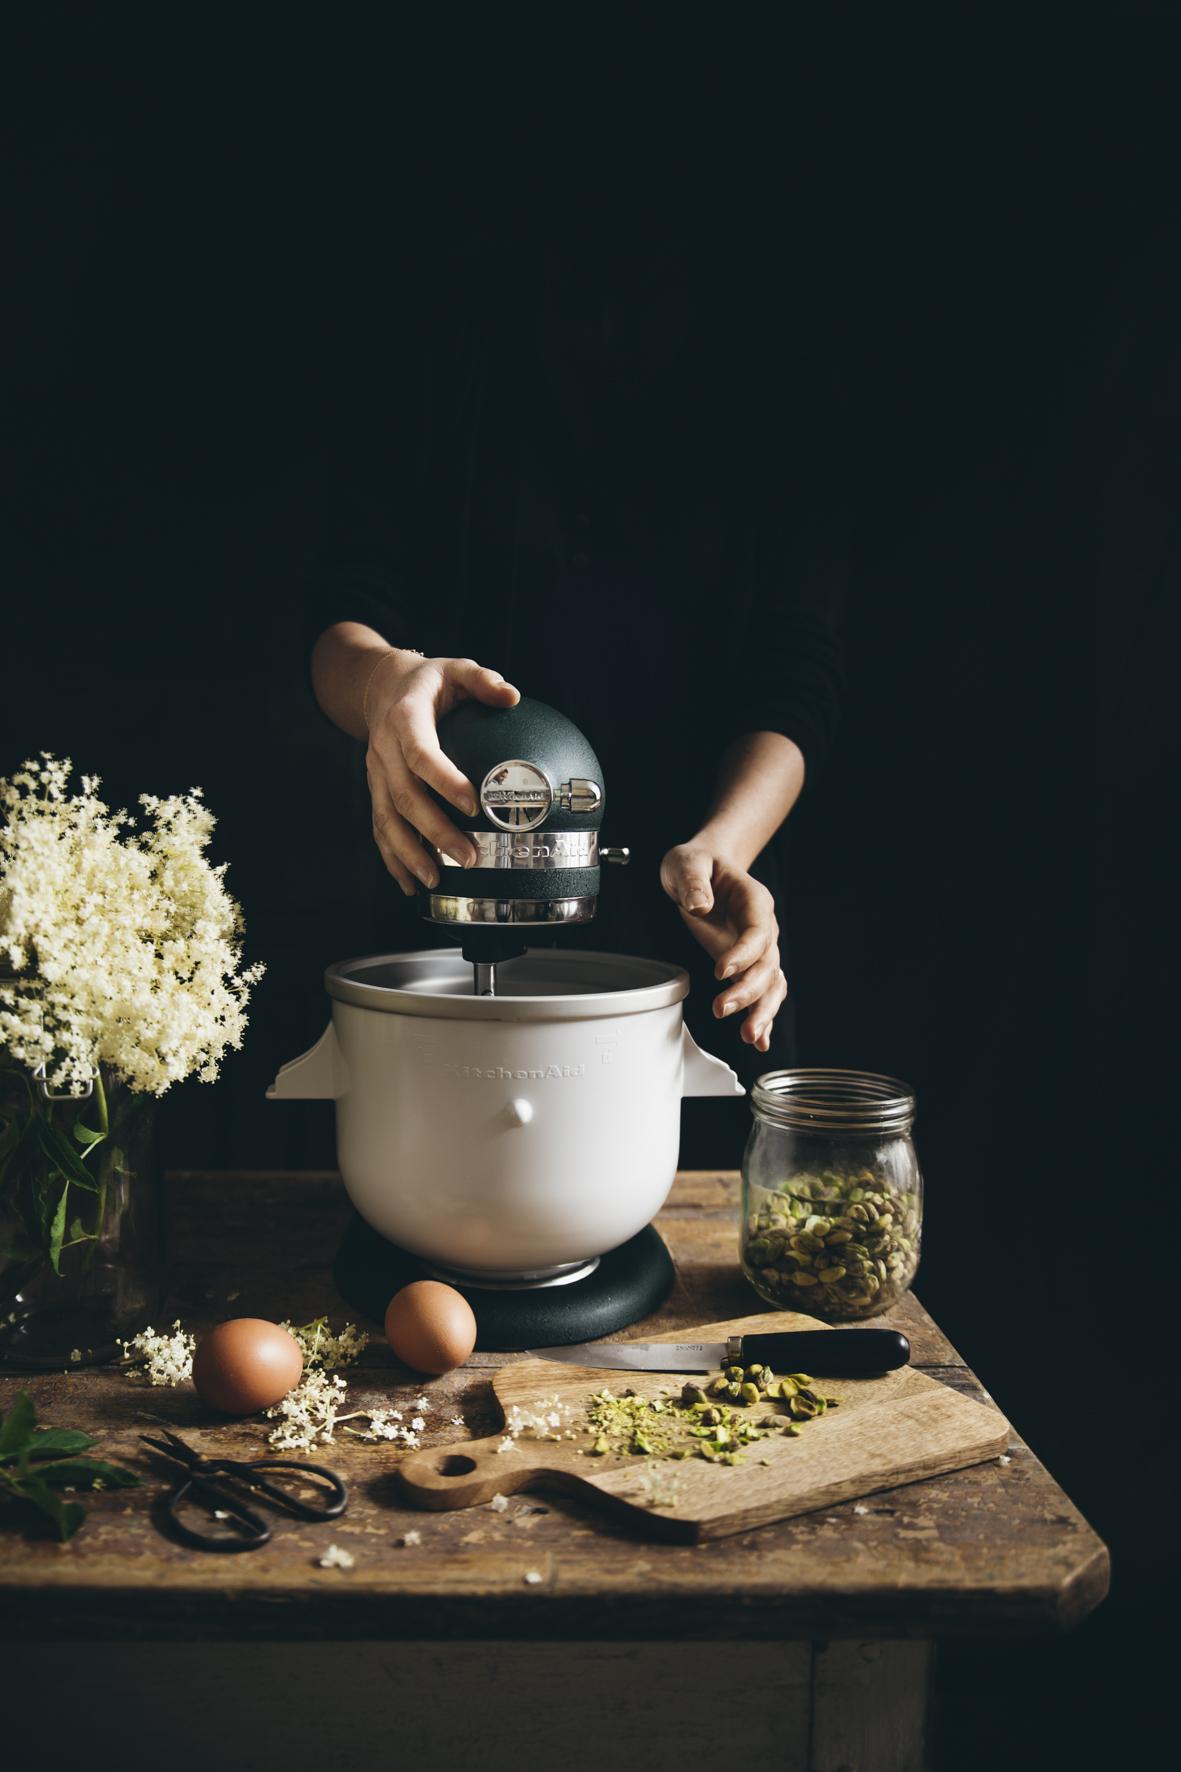 Sorbetière KitchenAid ©Sandrine Saadi